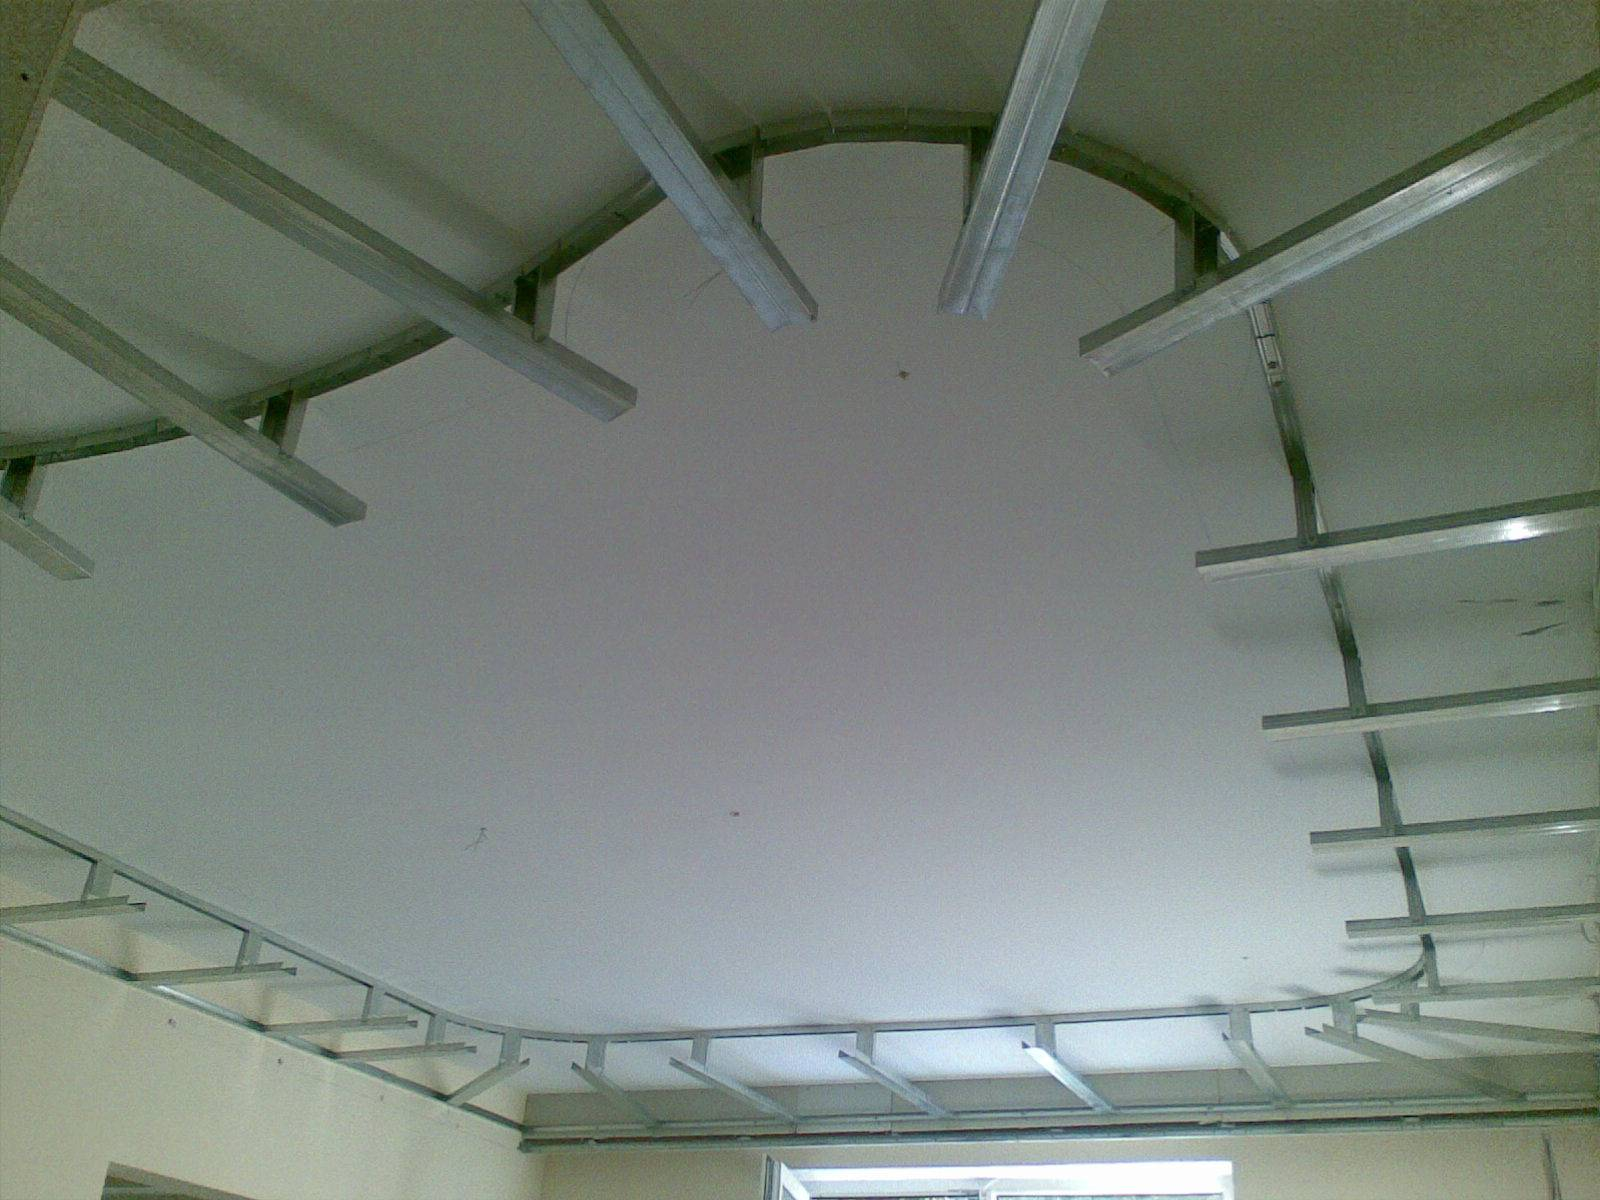 Монтаж двухуровневого потолка из гипсокартона своими руками, подробная инструкция с фото и видео